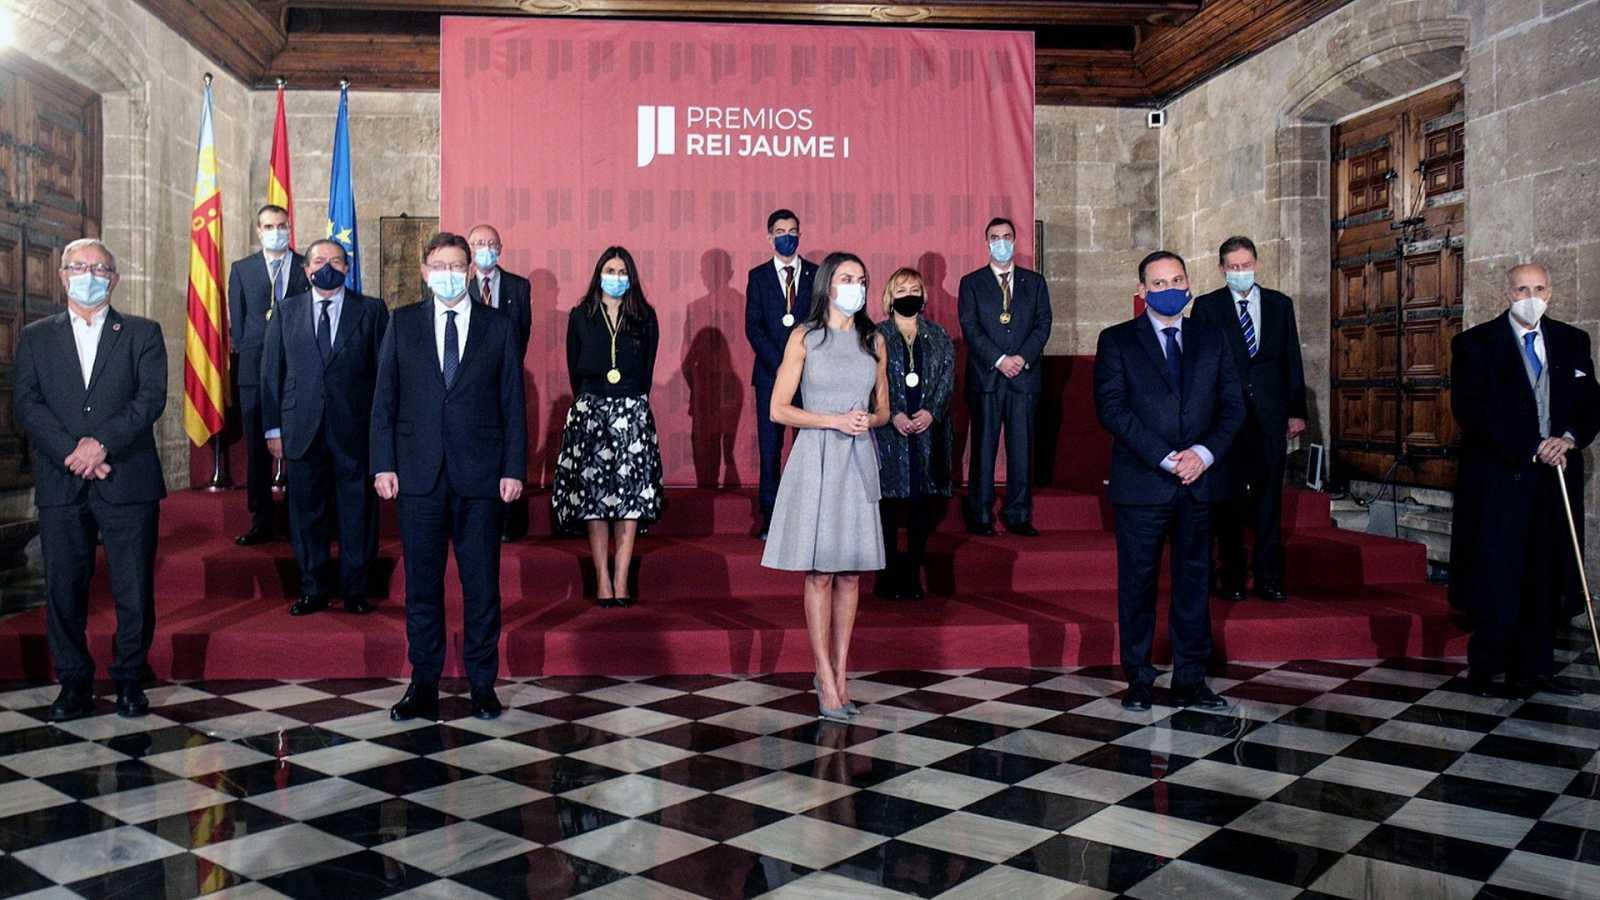 L'Informatiu - Comunitat Valenciana 2 - 30/11/20 - ver ahora